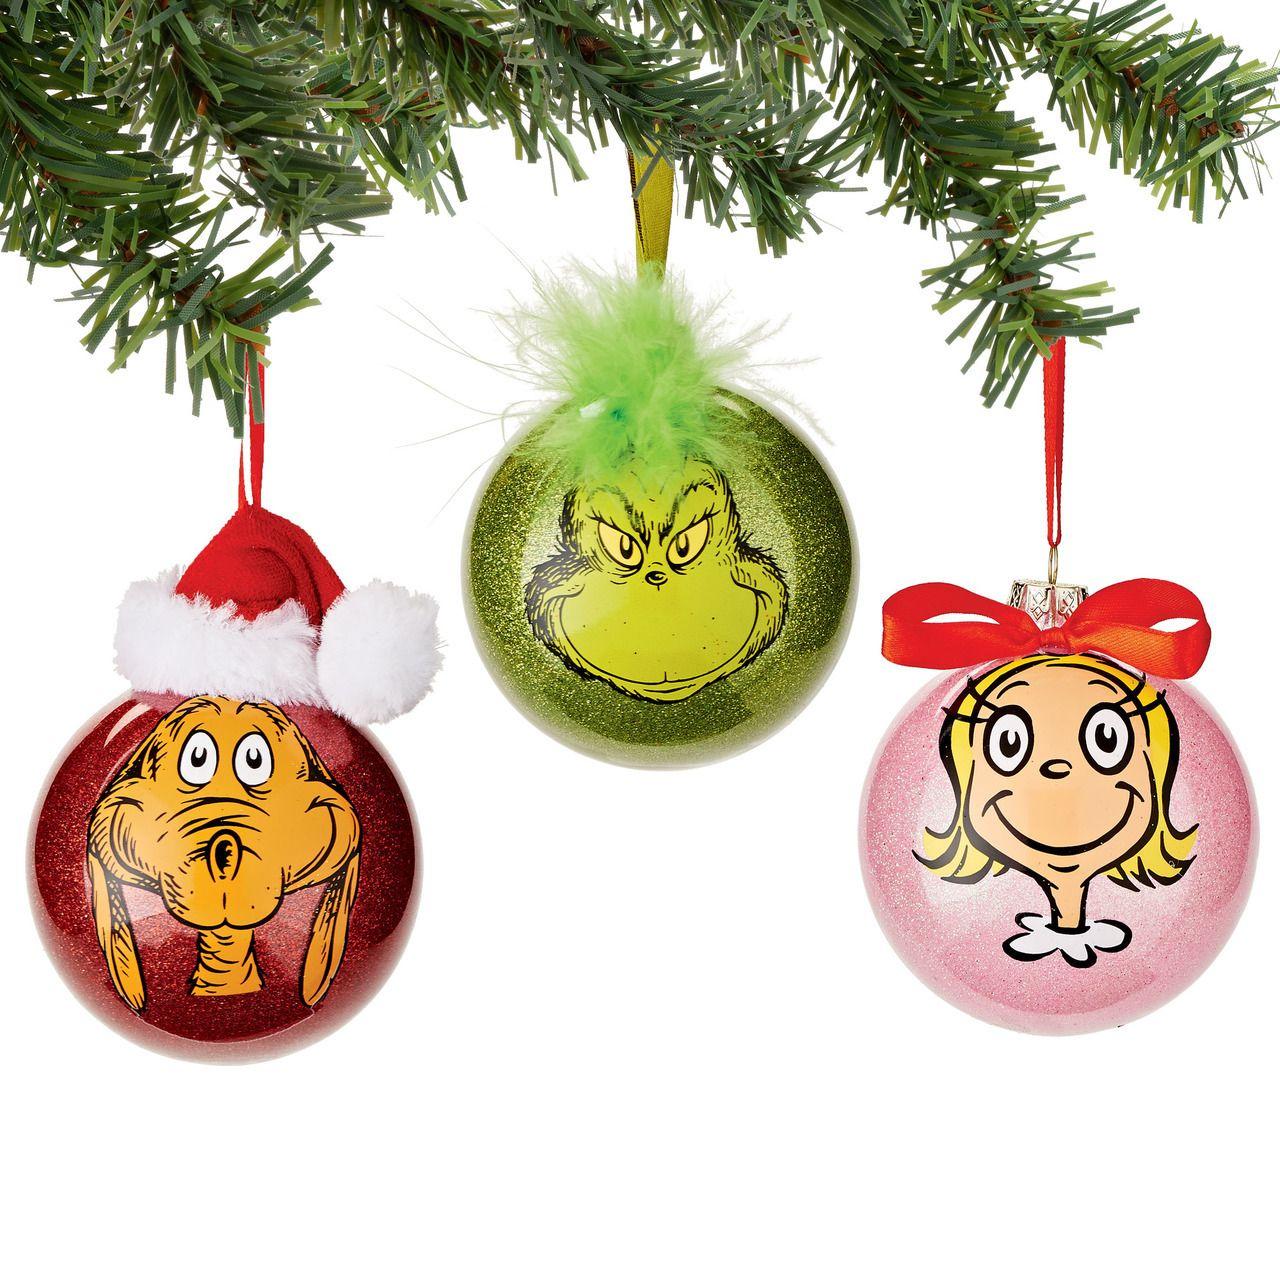 Department 56 Grinch Gang Selfie Glass Ball Christmas Ornament 4045080 Grinch Decorations Grinch Christmas Decorations Whoville Christmas